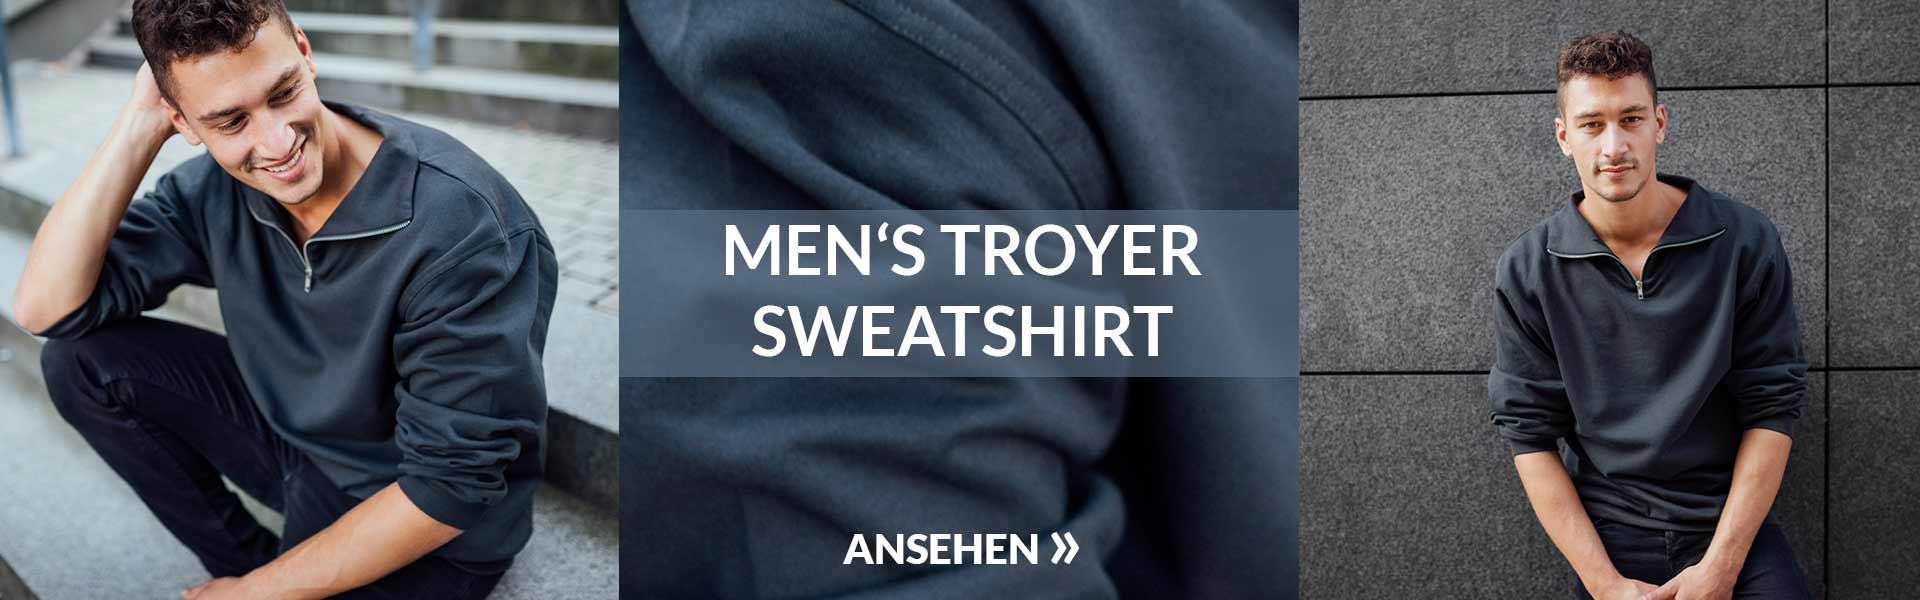 Herren Troyer Sweatshirt